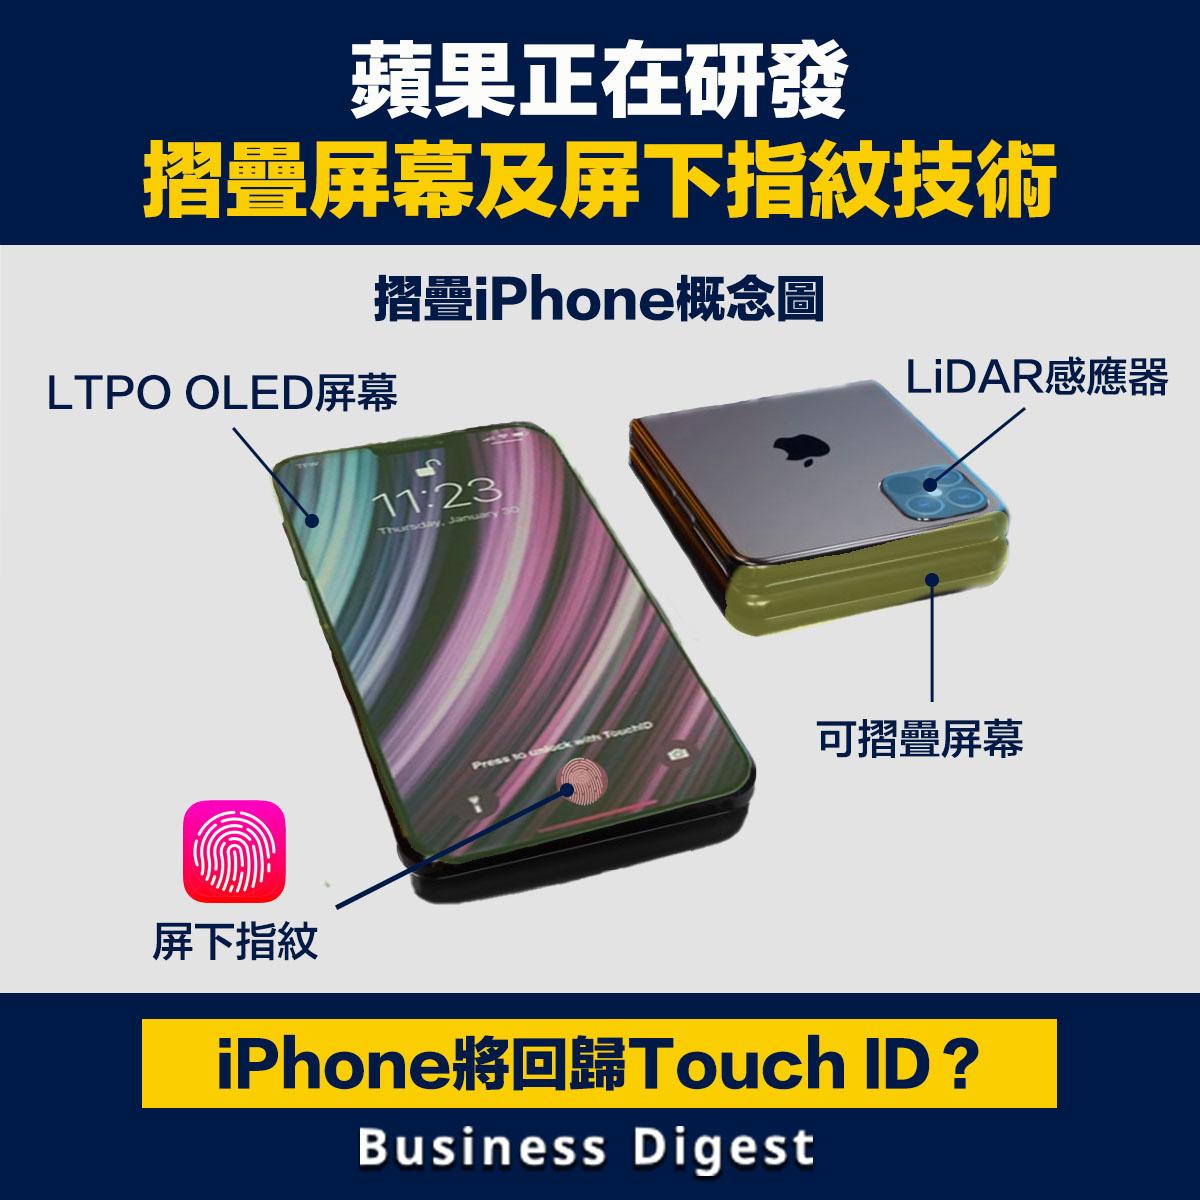 蘋果正在研發摺疊屏幕及屏下指紋技術